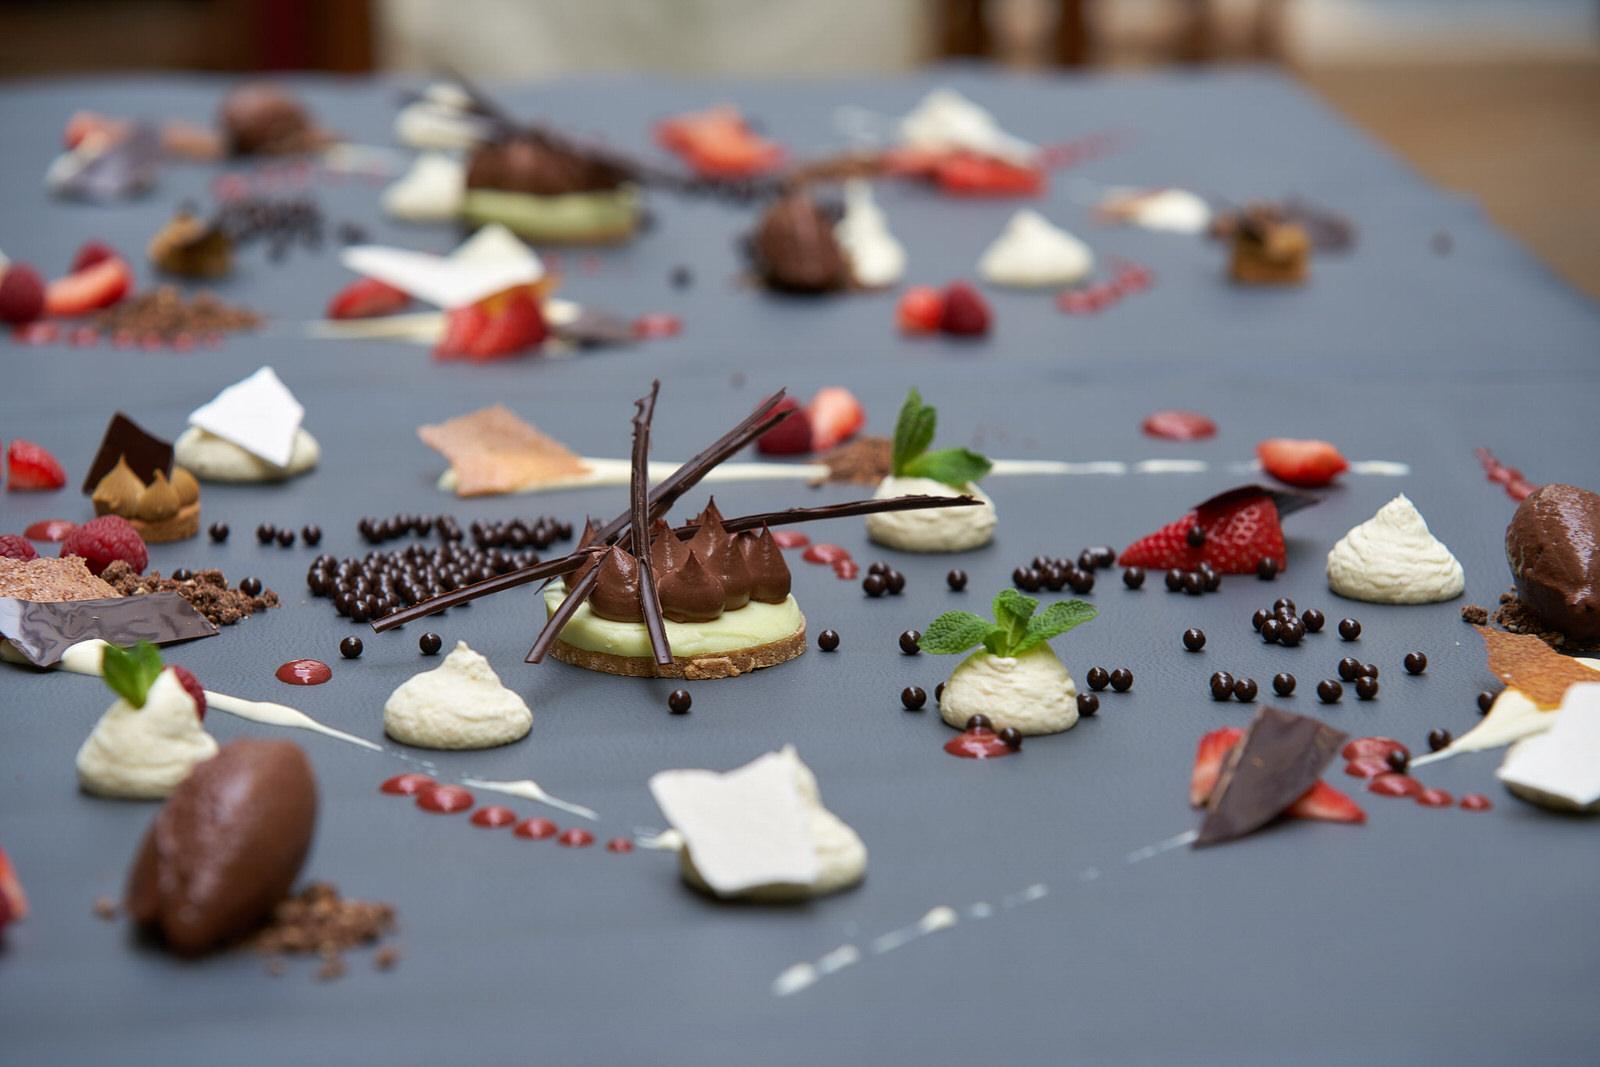 Dessert - Patisserie - Photo culinaire - Photographe culinaire - Bordeaux - Artisan - métier de bouche